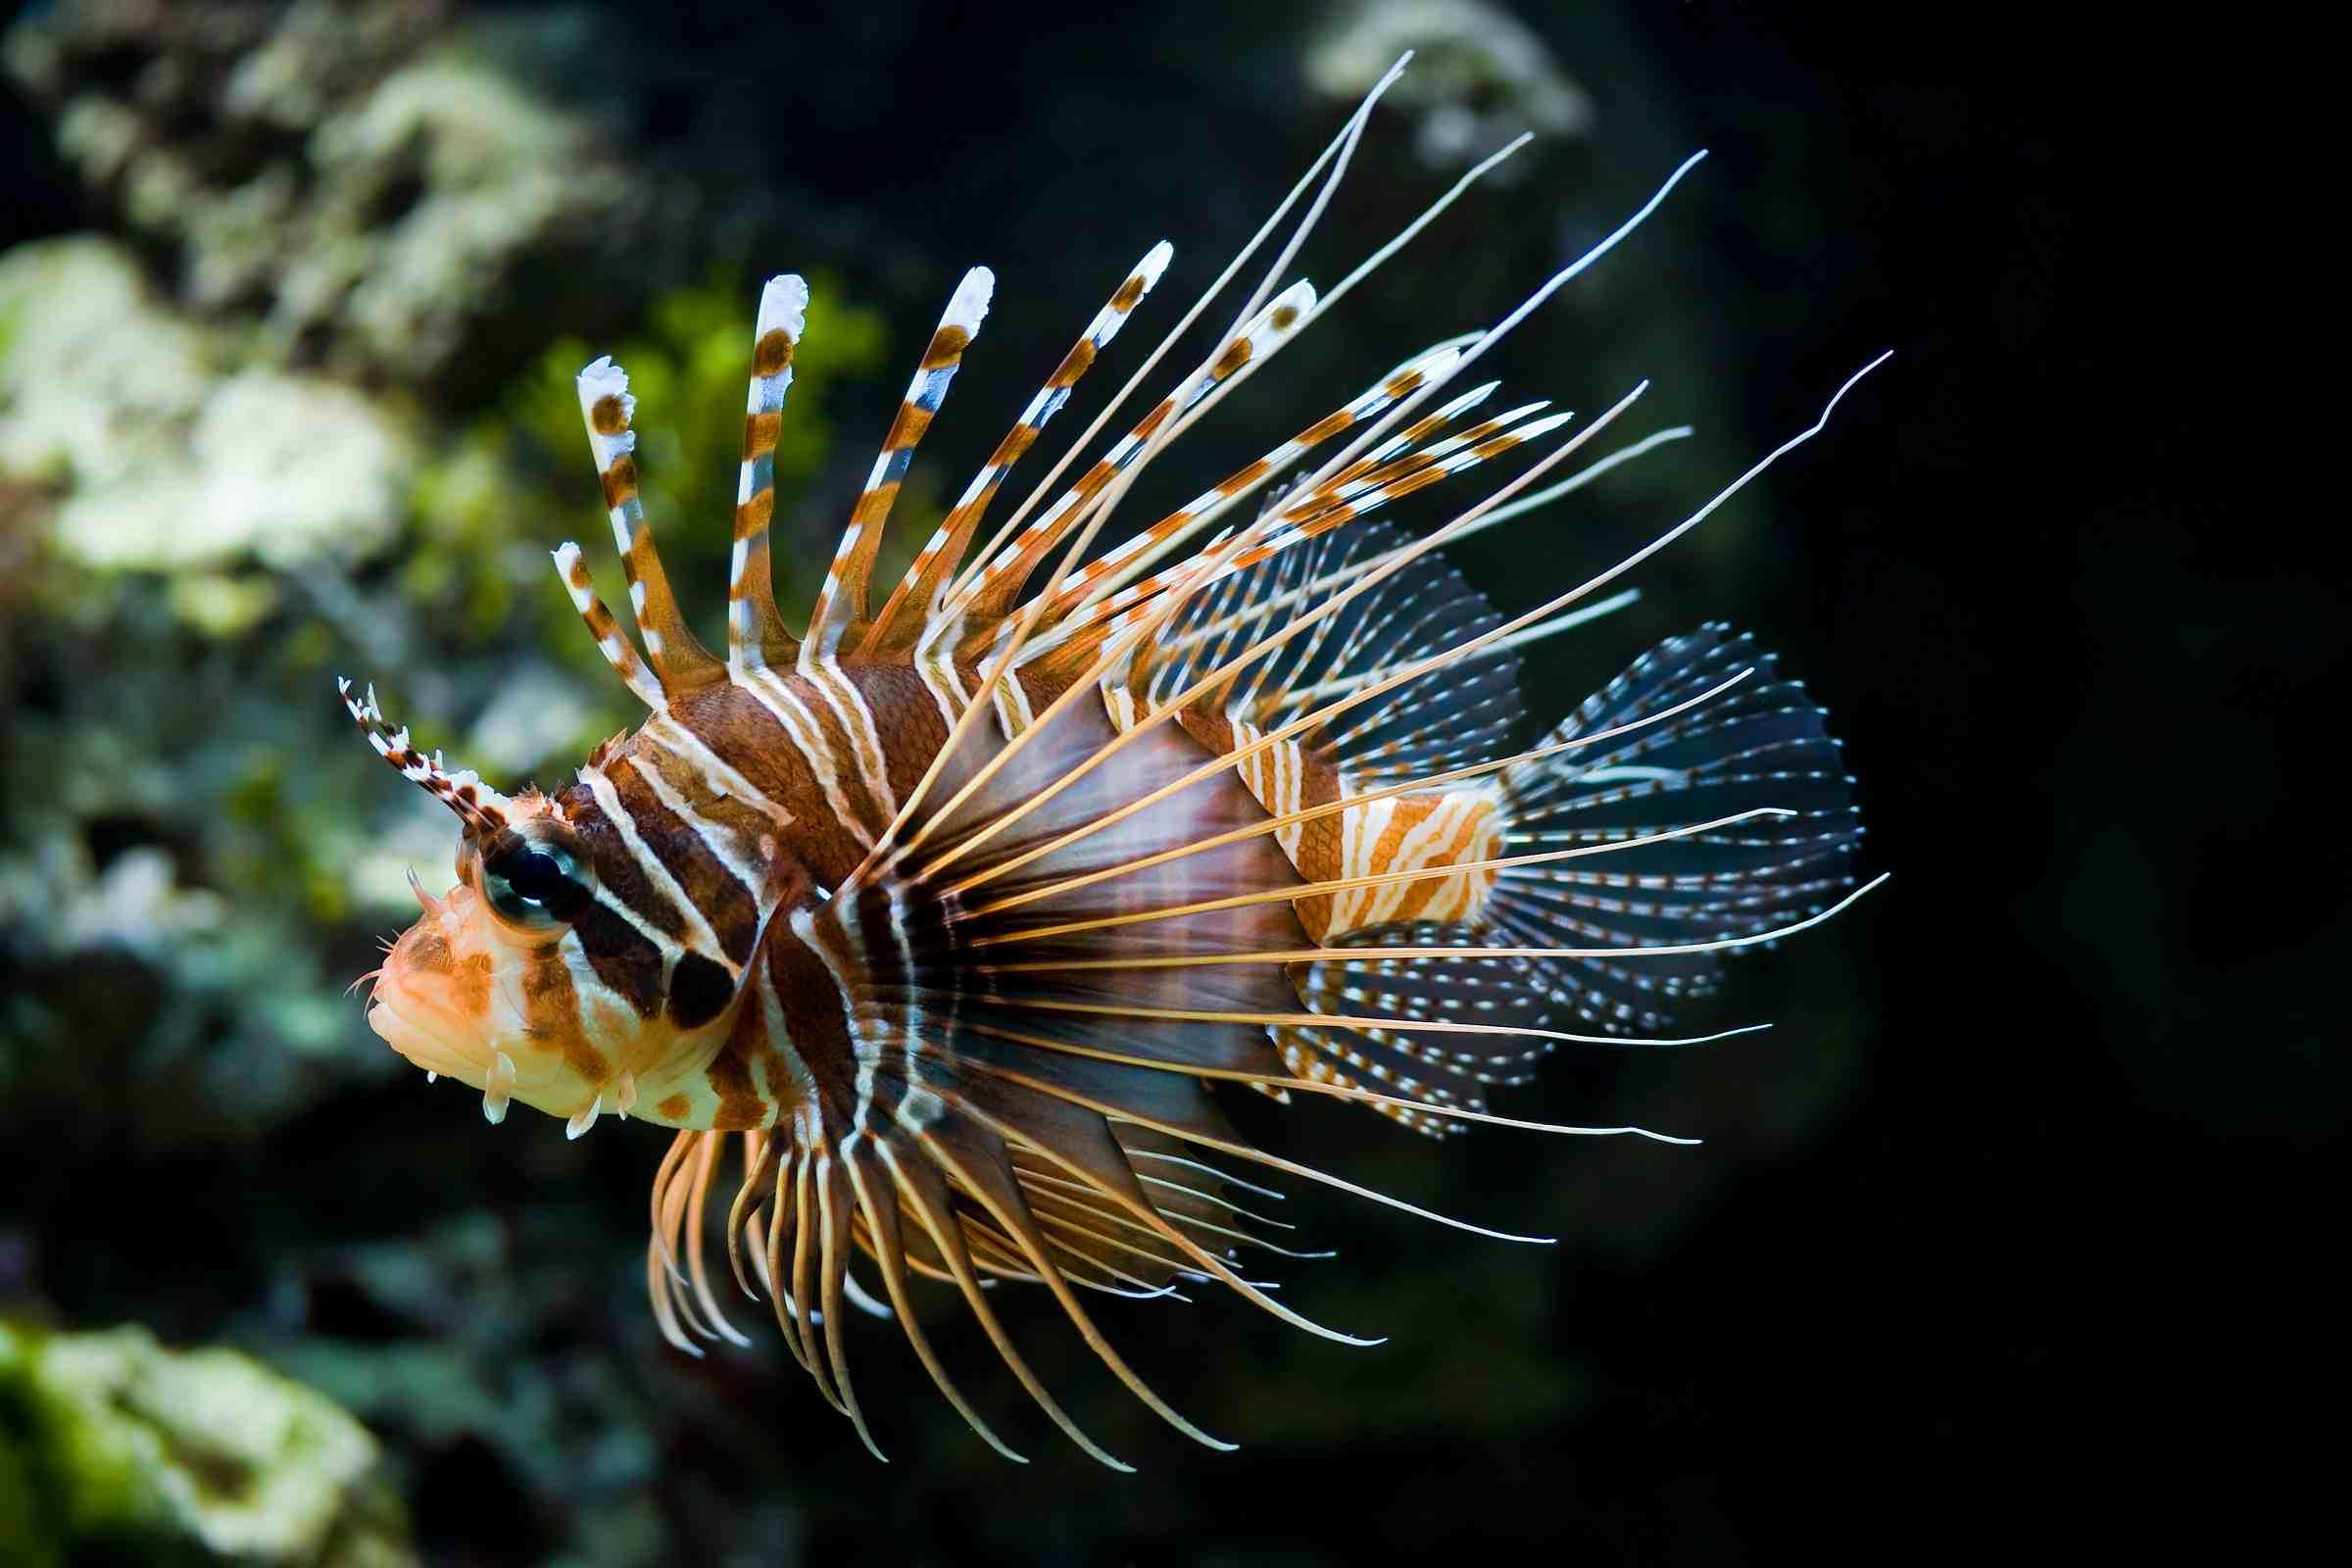 Firefish swimming underwater.